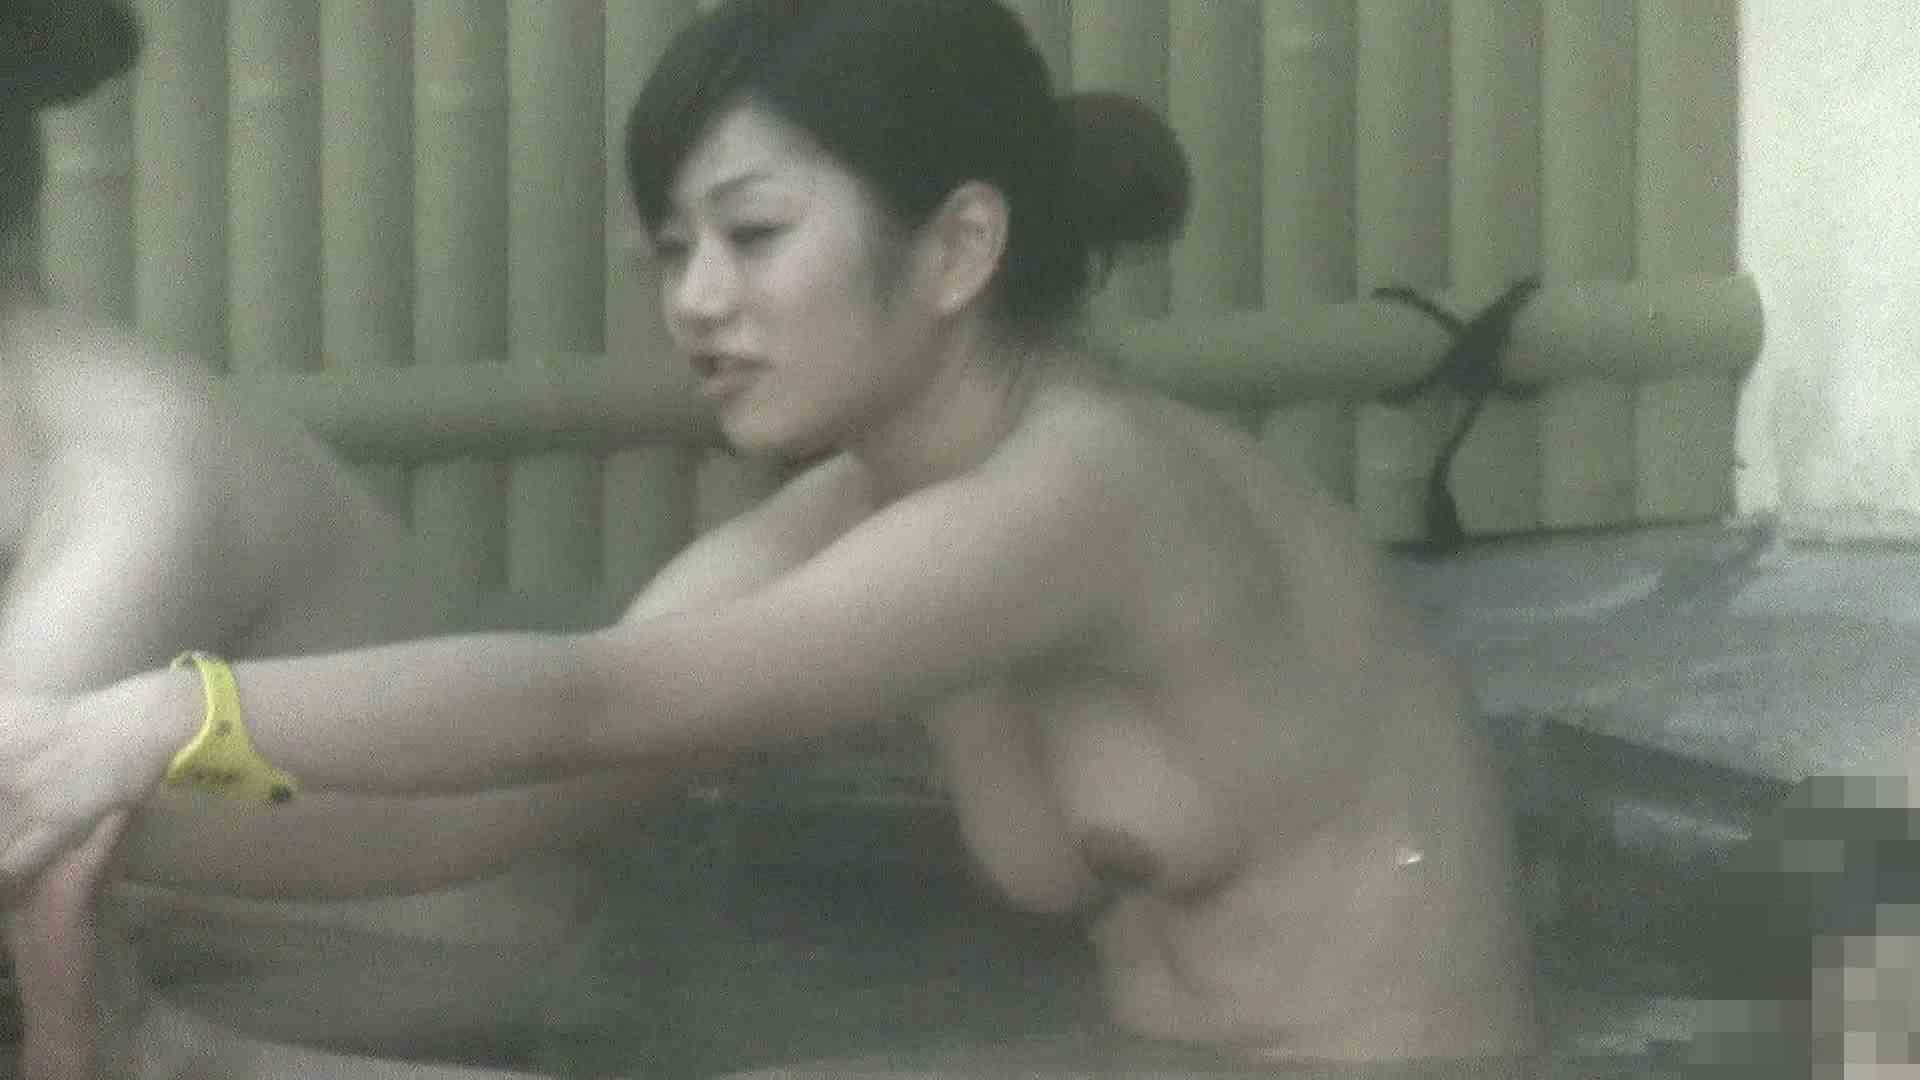 Aquaな露天風呂Vol.206 盗撮シリーズ  80PIX 16